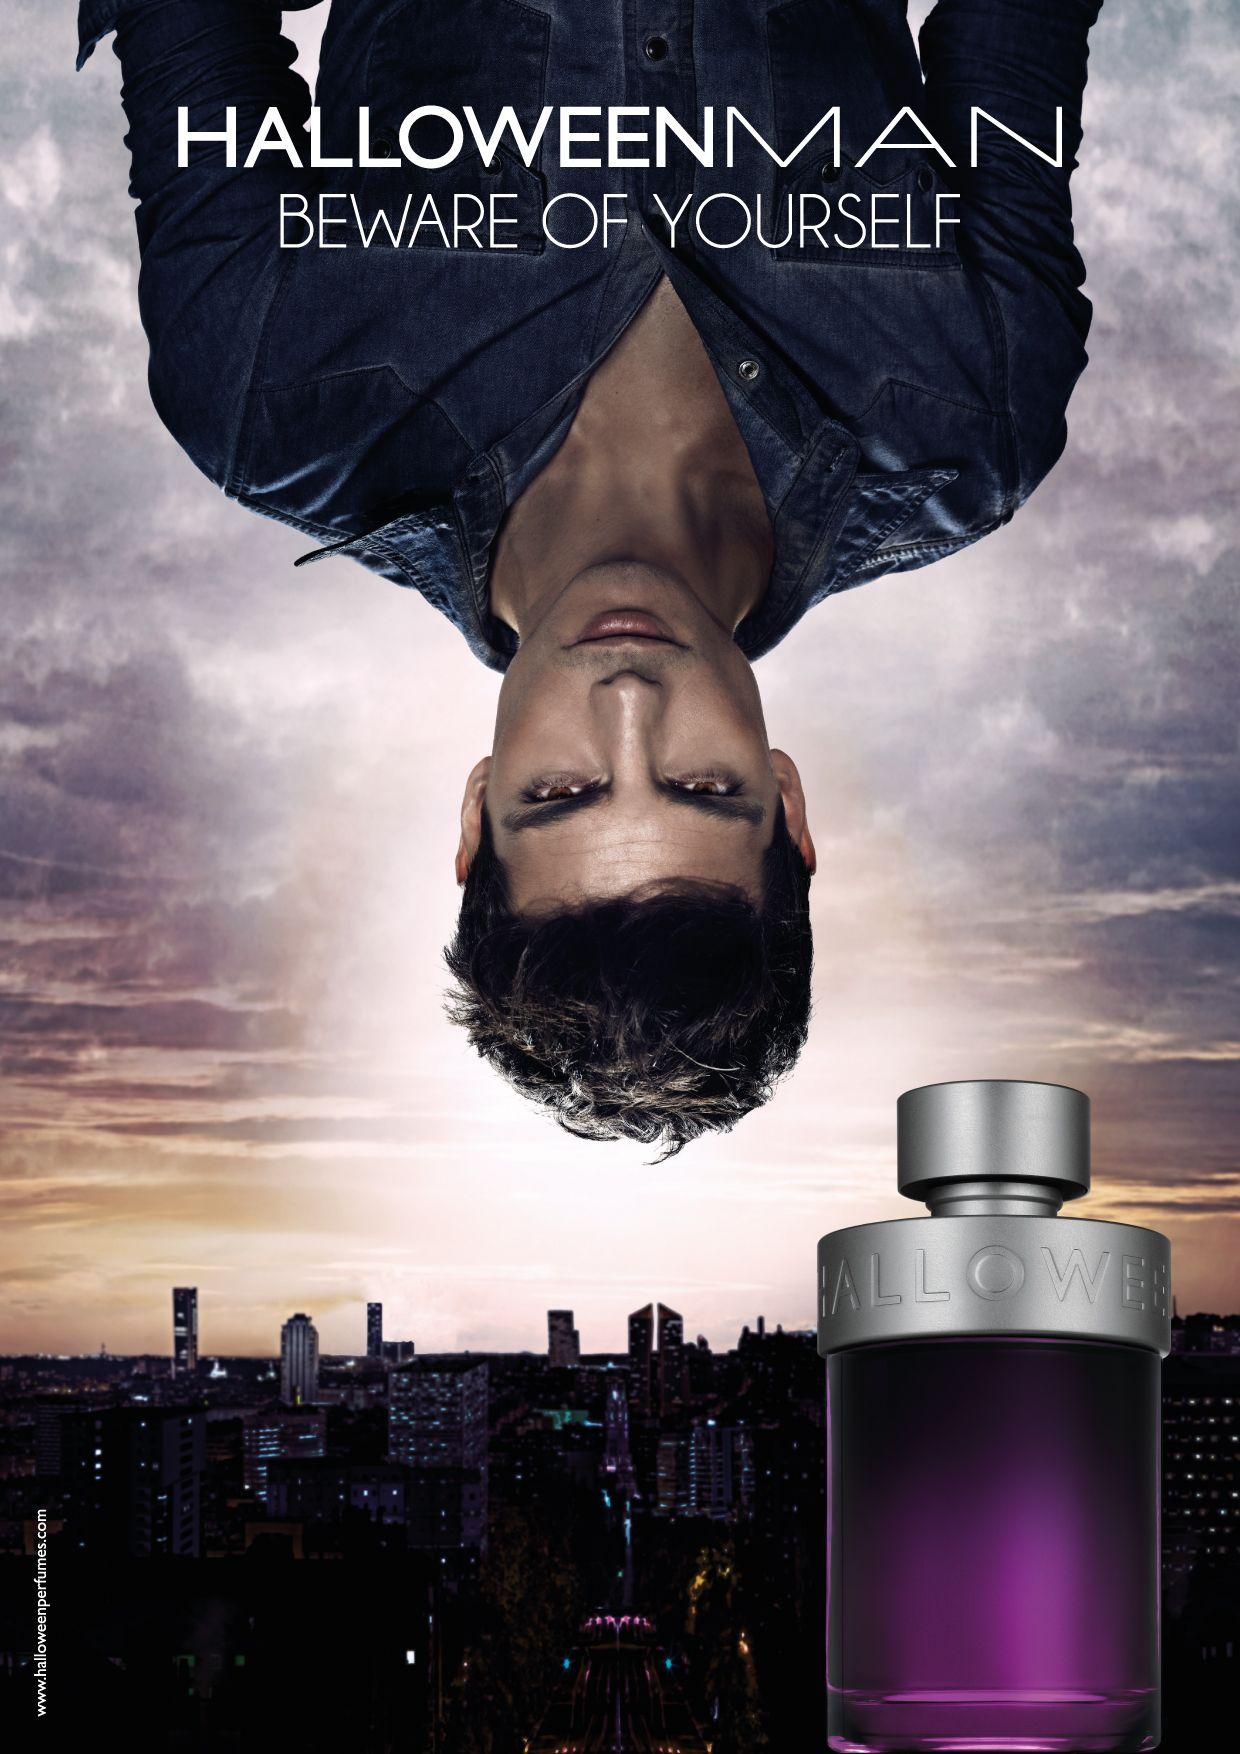 Beware of yourself. Halloween men, Perfume adverts